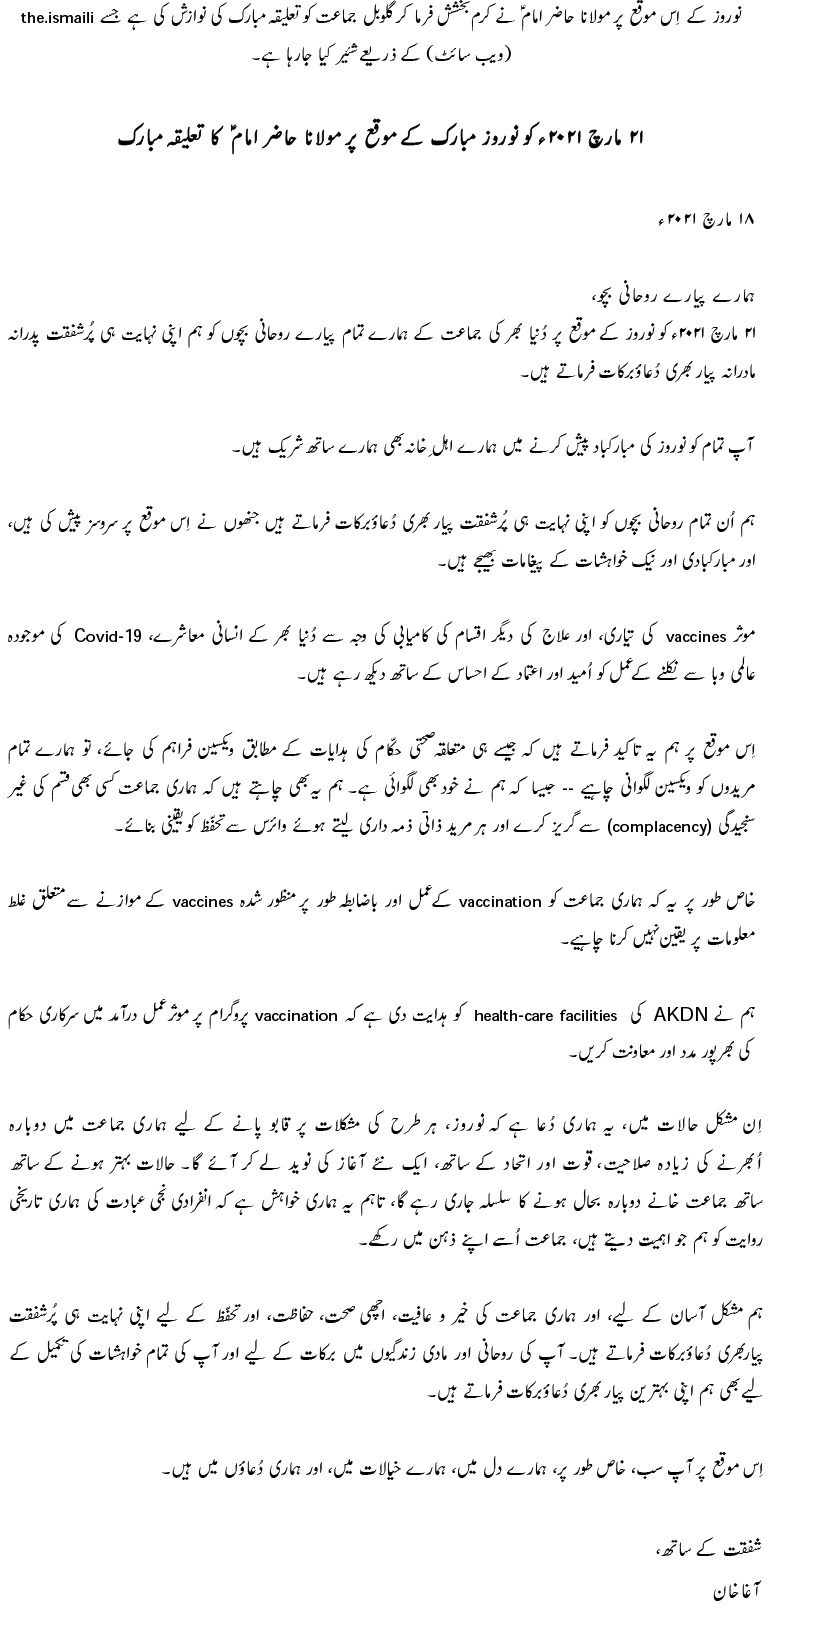 Aga Khan Message Talika Urdu Navroz 2021 Barakah